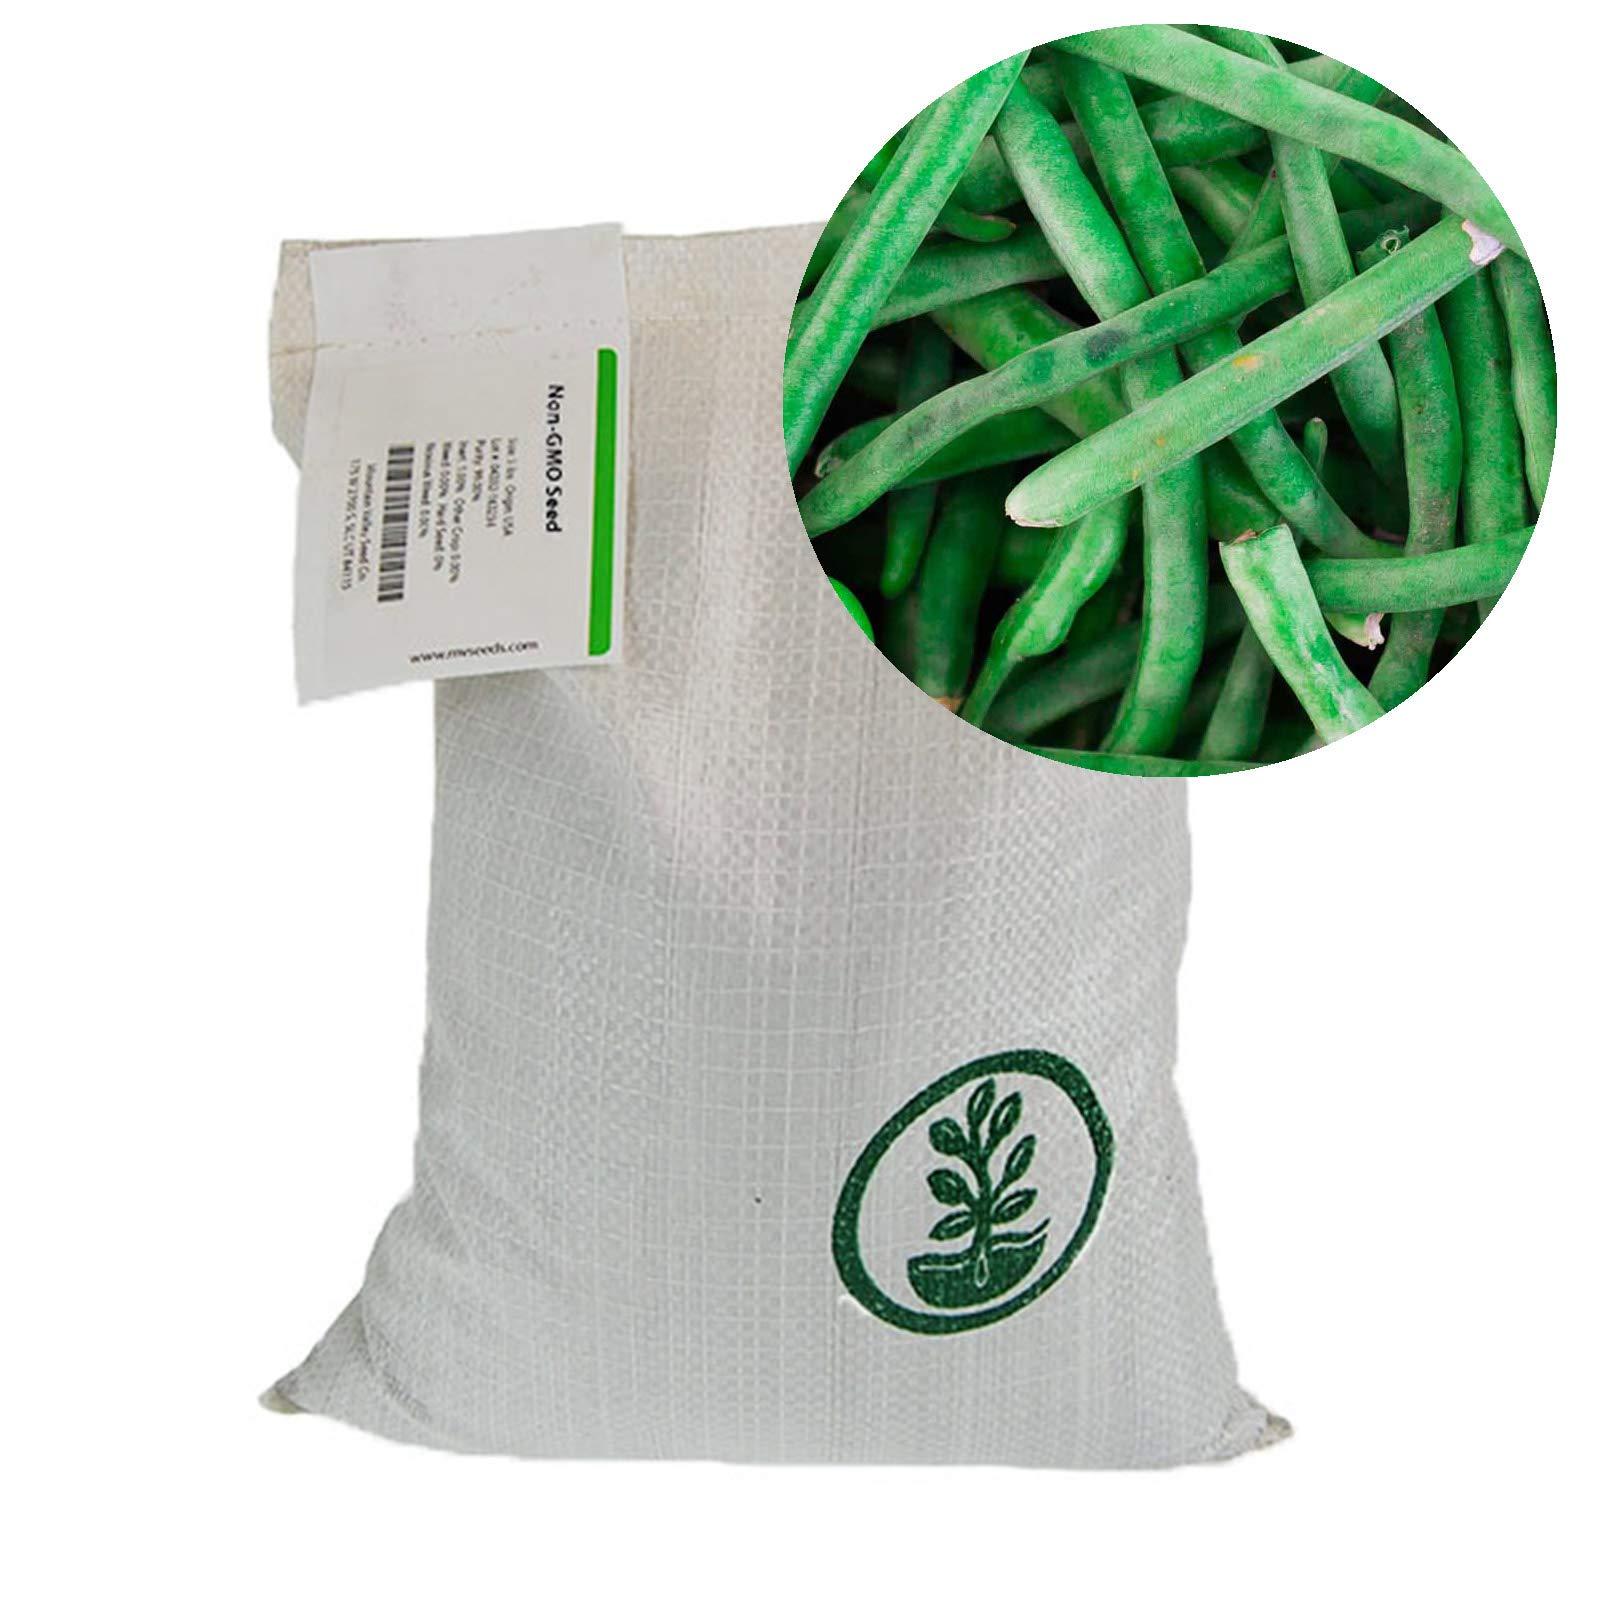 Mountain Valley Seed Company Jade Bush Bean Seeds - 50 Lb Bulk - Non-GMO, Heirloom Green Bean Seeds - Vegetable Garden Seeds by Mountain Valley Seed Company (Image #1)